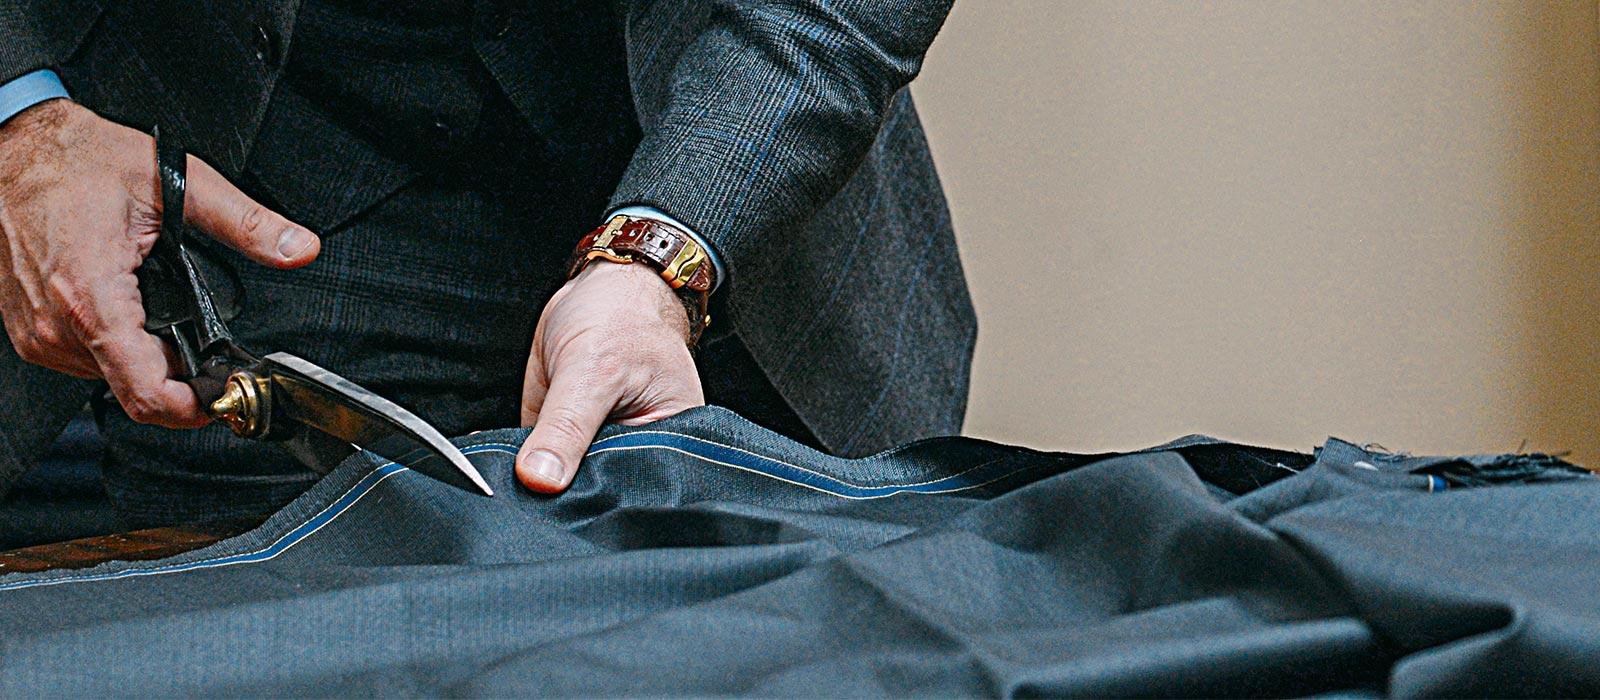 fabric-czar-slide9